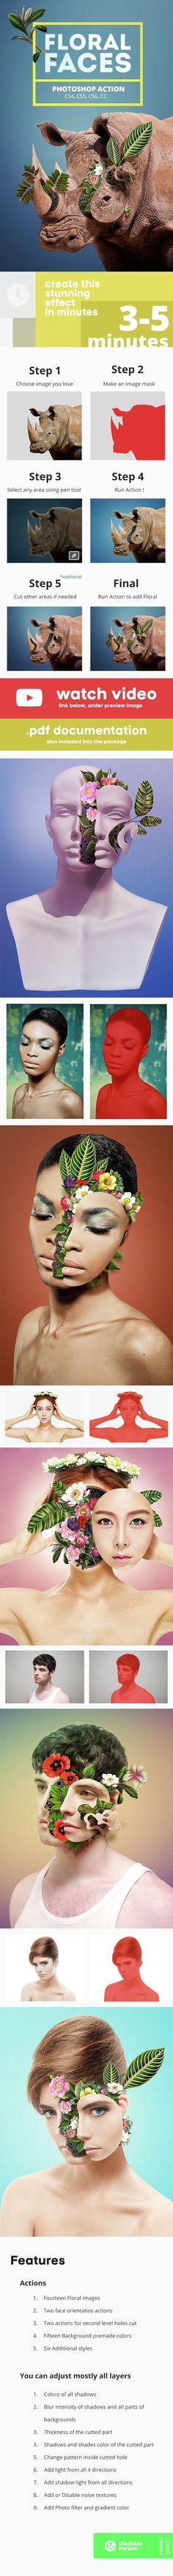 Floral Faces - Photoshop Action #photoeffect Download: http://graphicriver.net/item/floral-faces-photoshop-action/14523331?ref=ksioks